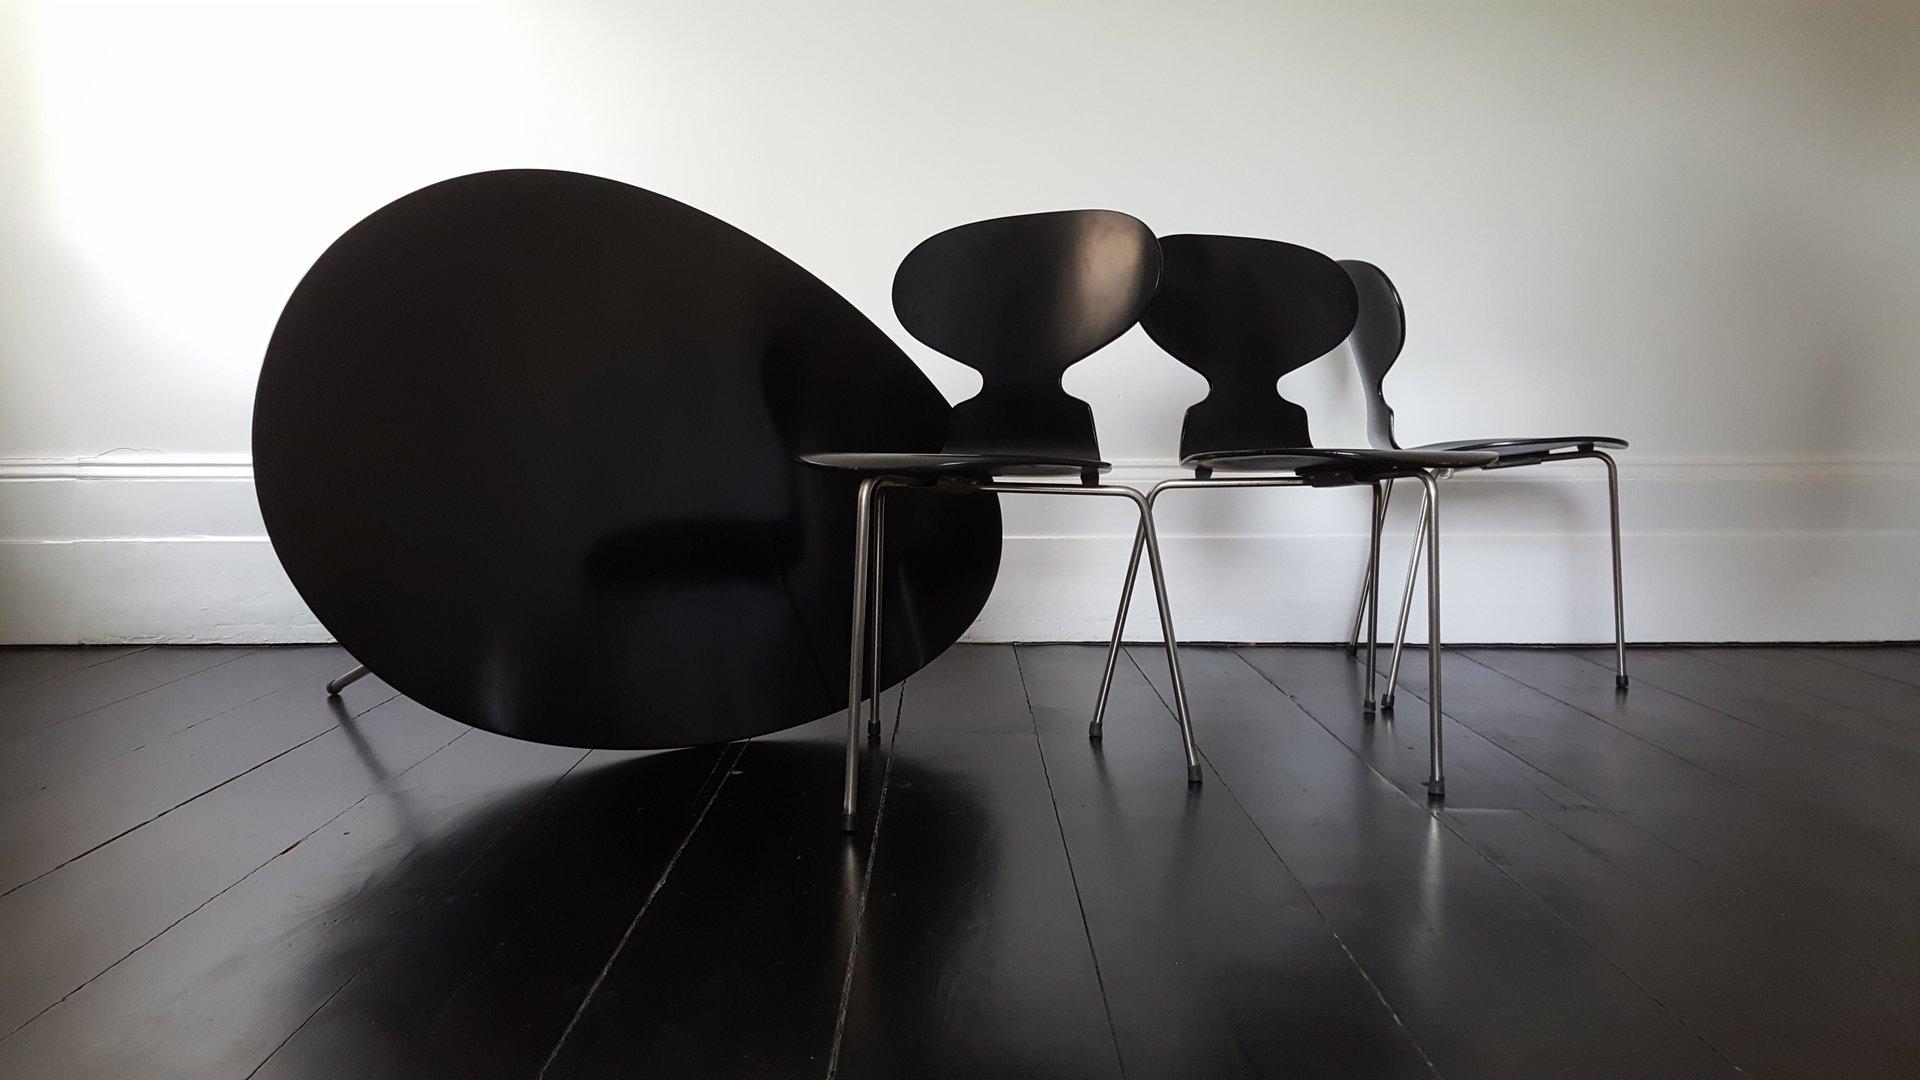 Esszimmer Stuhle Mobel Design Italien